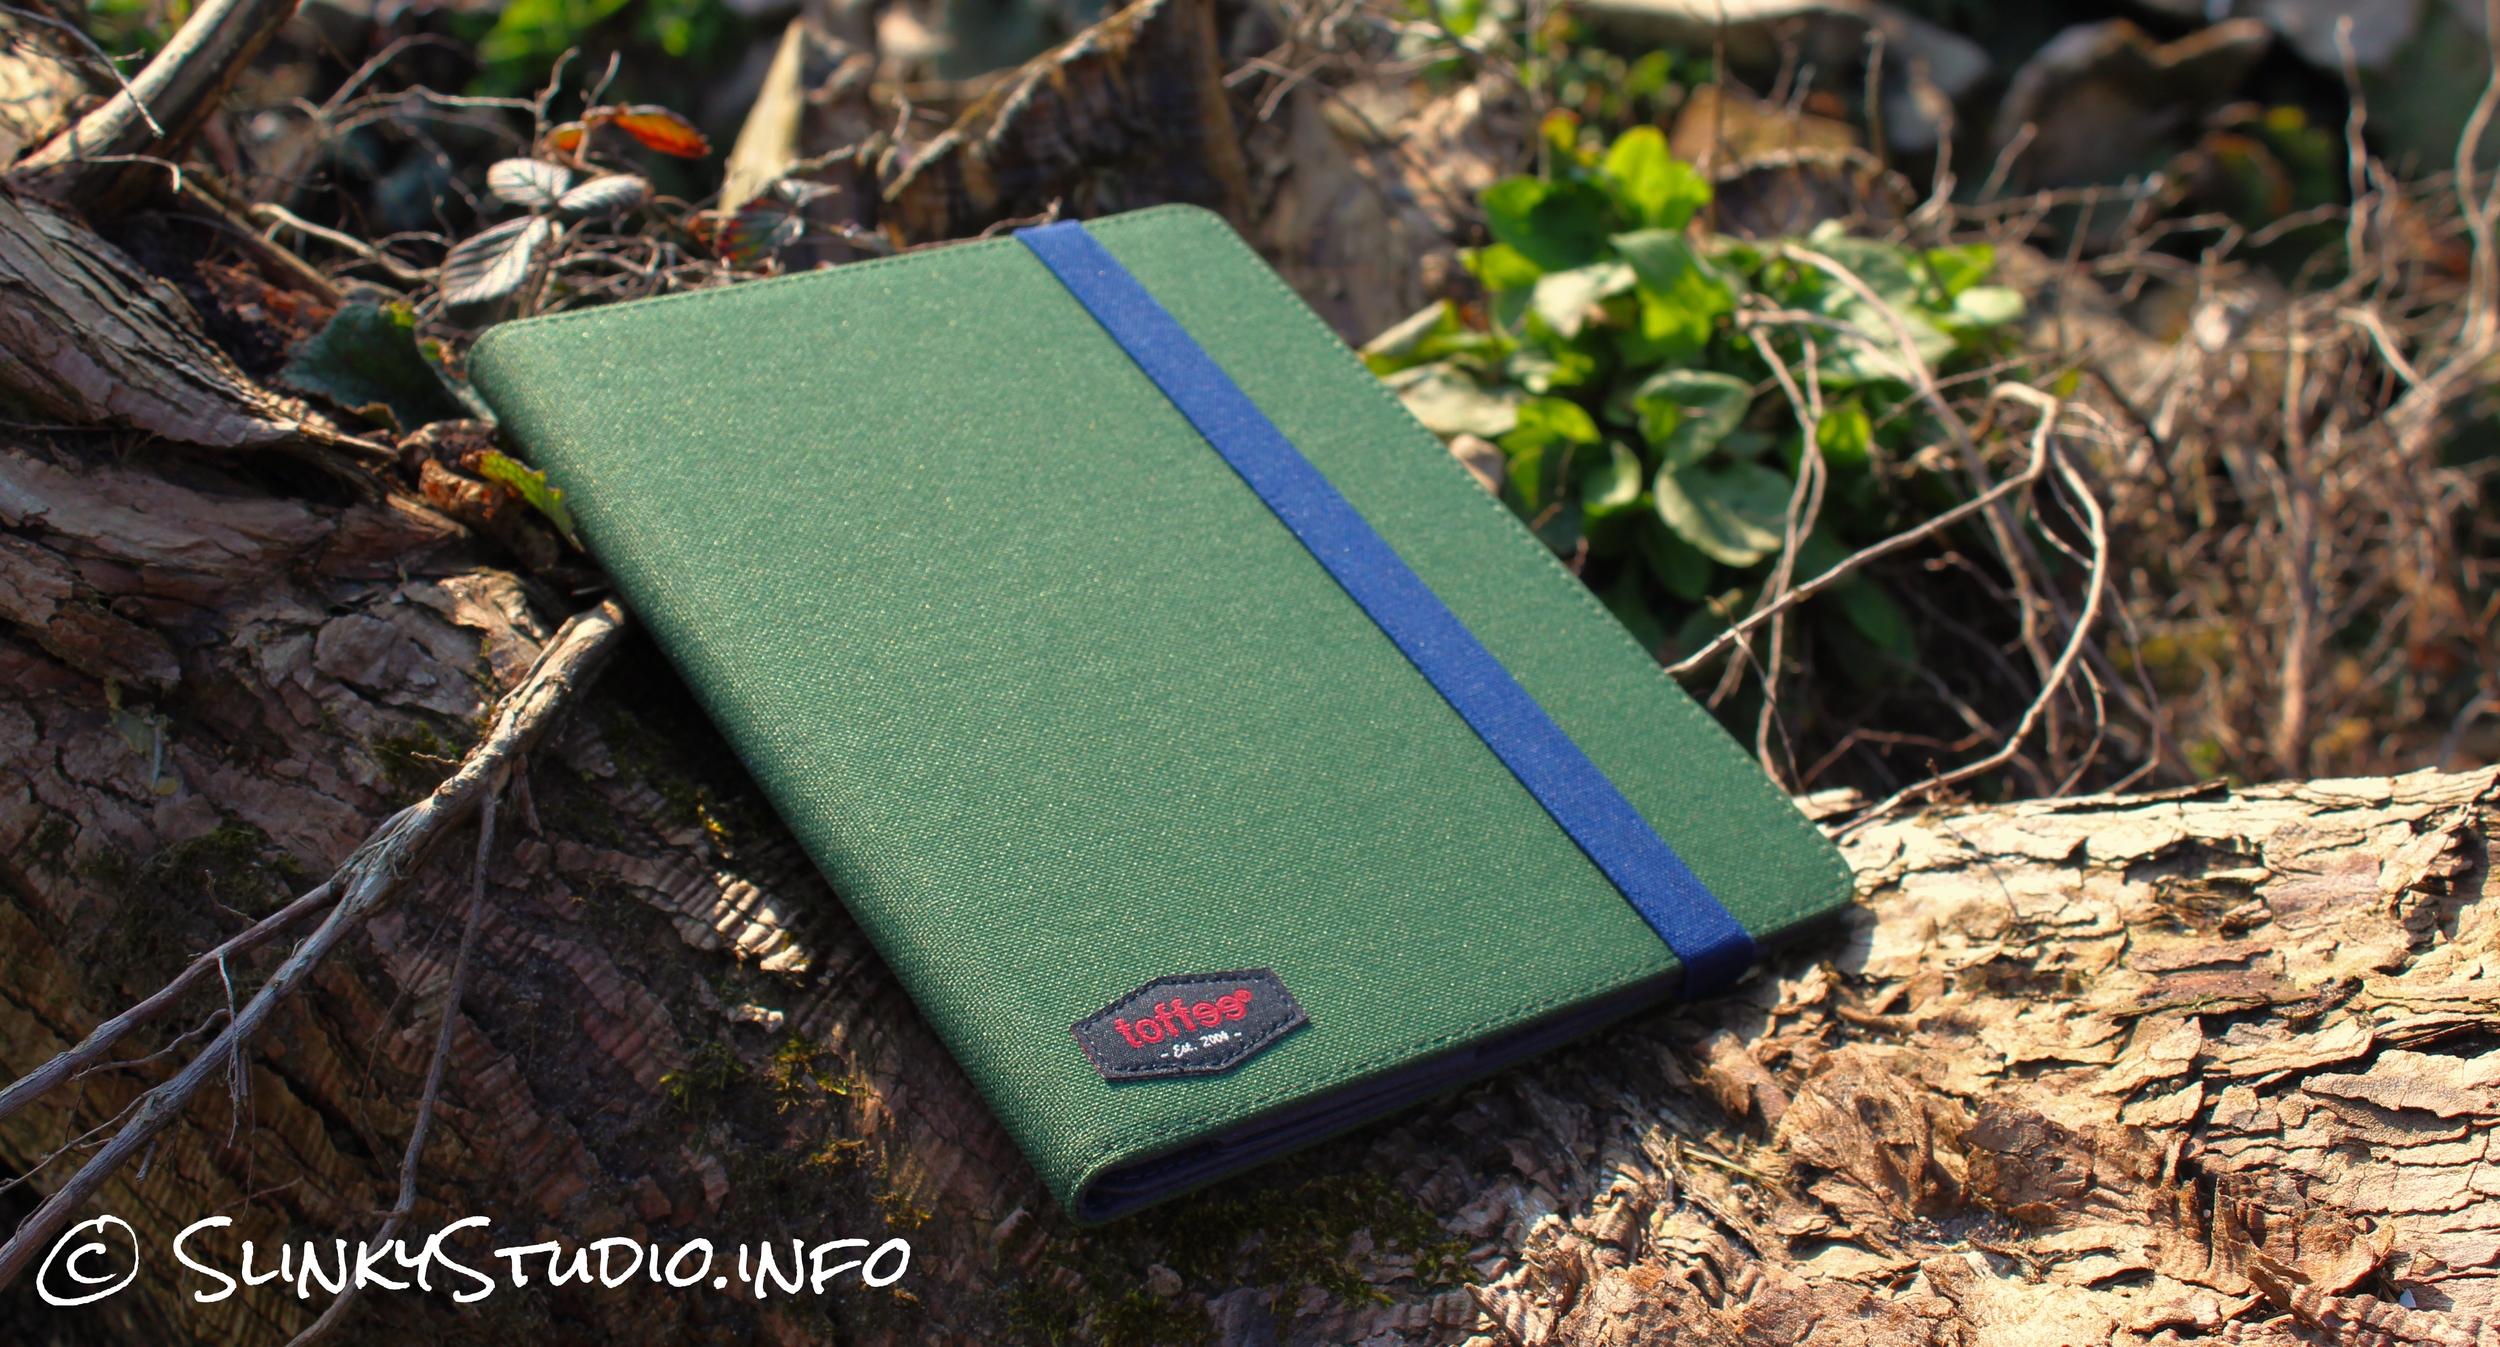 Toffee Flip Folio Case for iPad Air 2